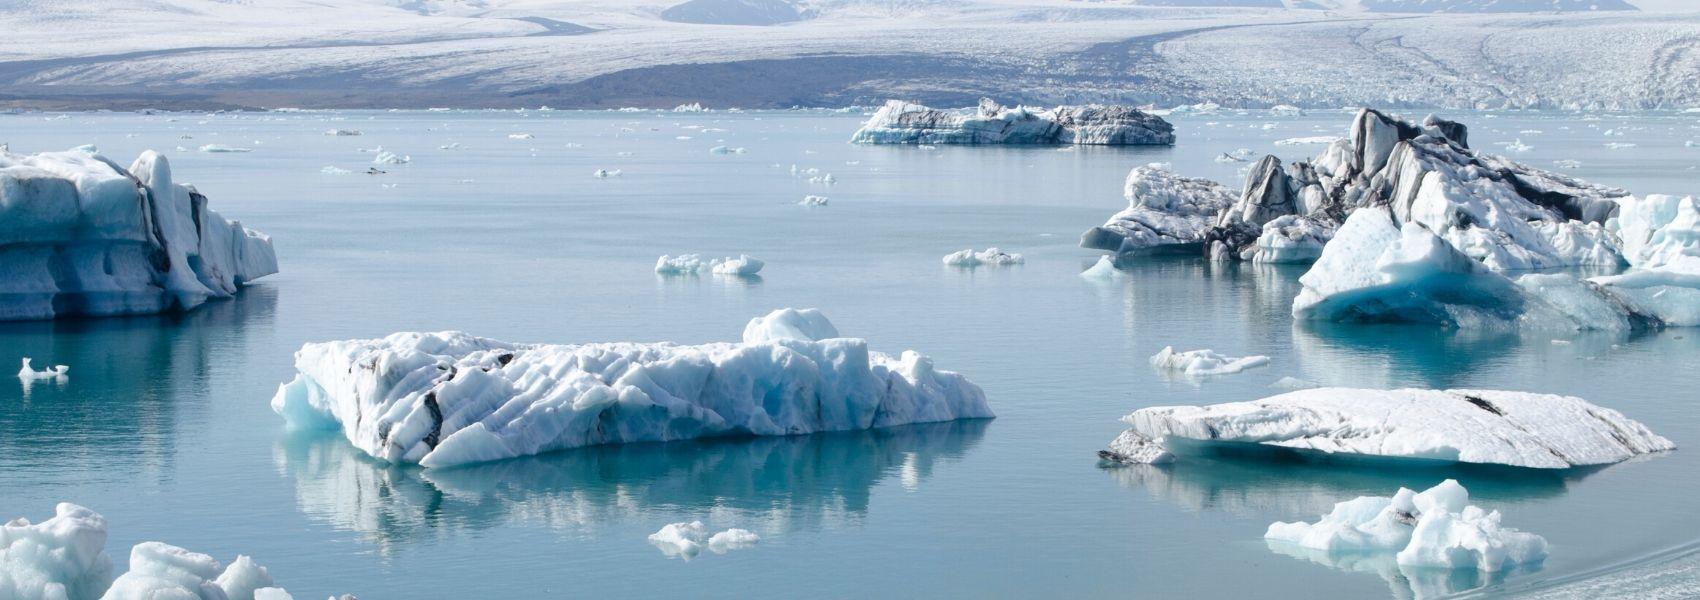 Cenas em realidade virtual com imagens de paisagens geladas ajudam a aliviar a dor